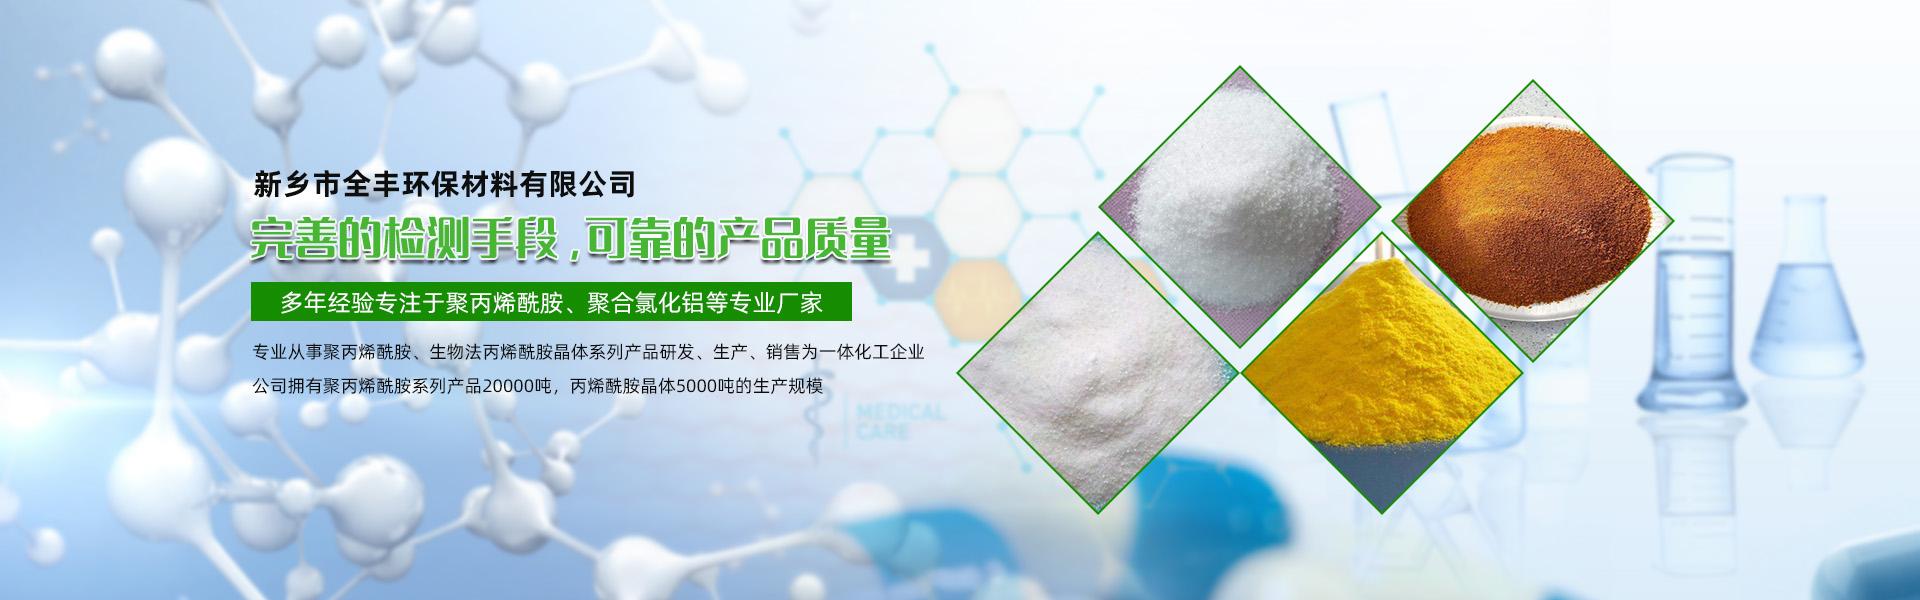 阳离子聚丙烯酰胺厂家